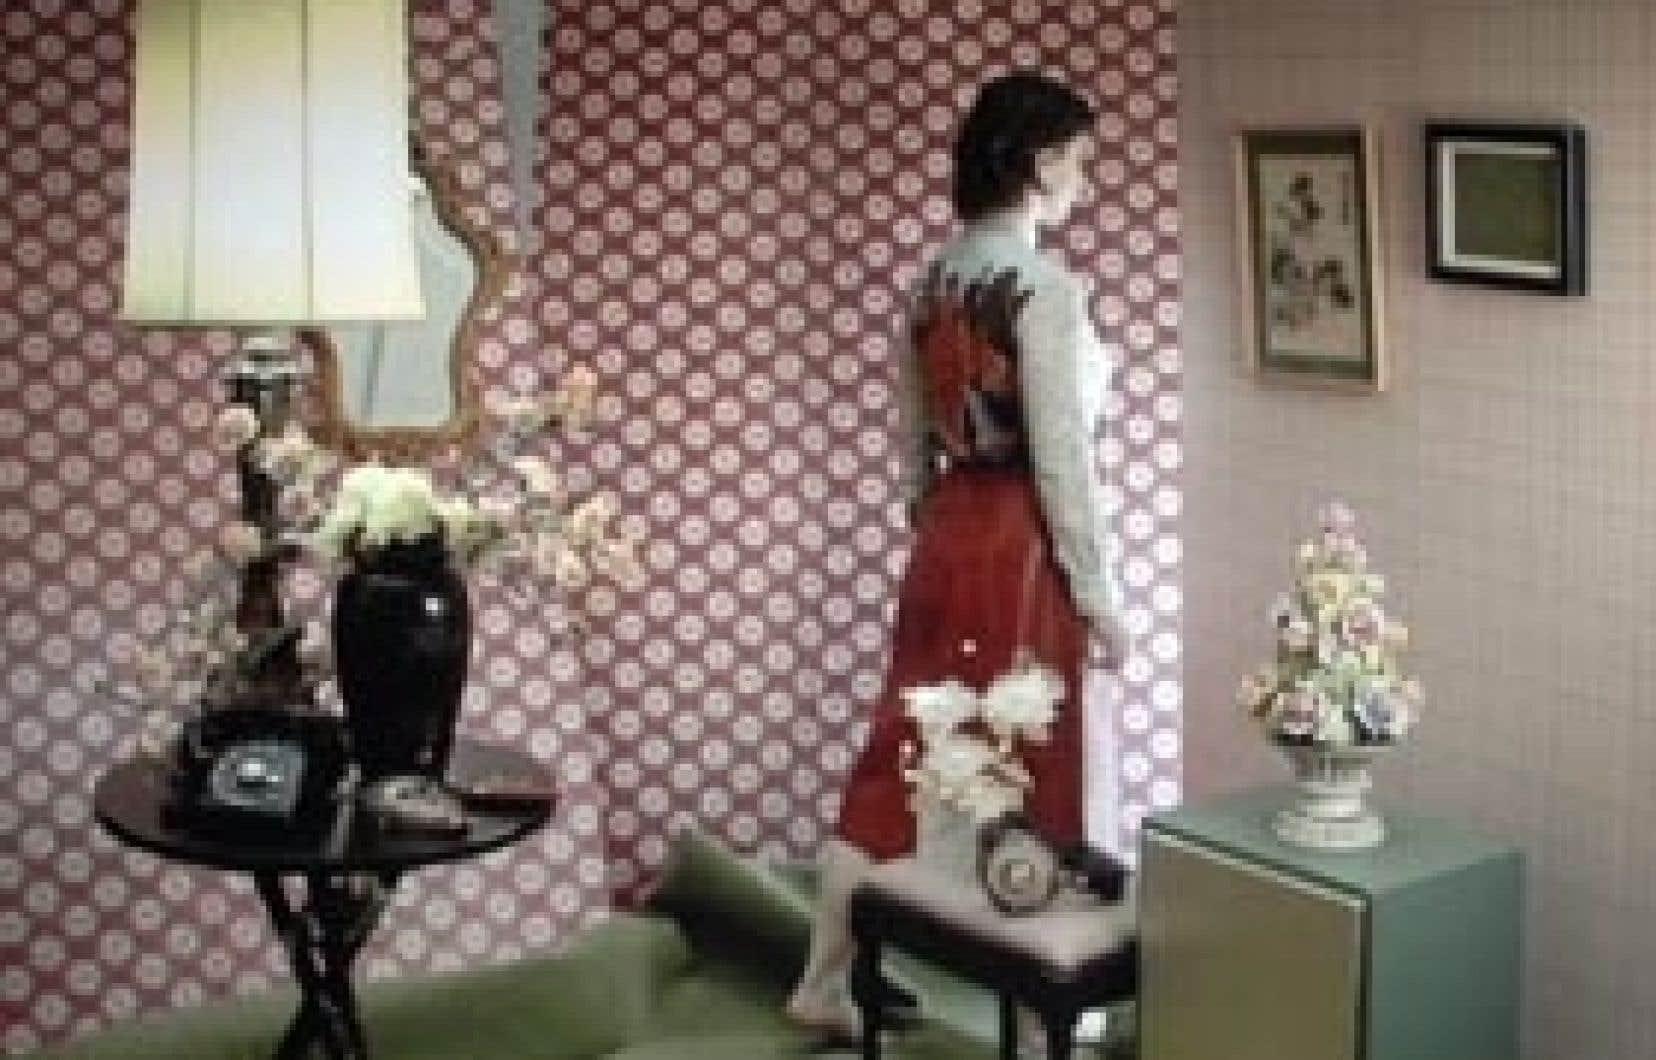 Image tirée de l'installation vidéo-performance Pièce-possession (Les Chambres baroques) de Julie Favreau